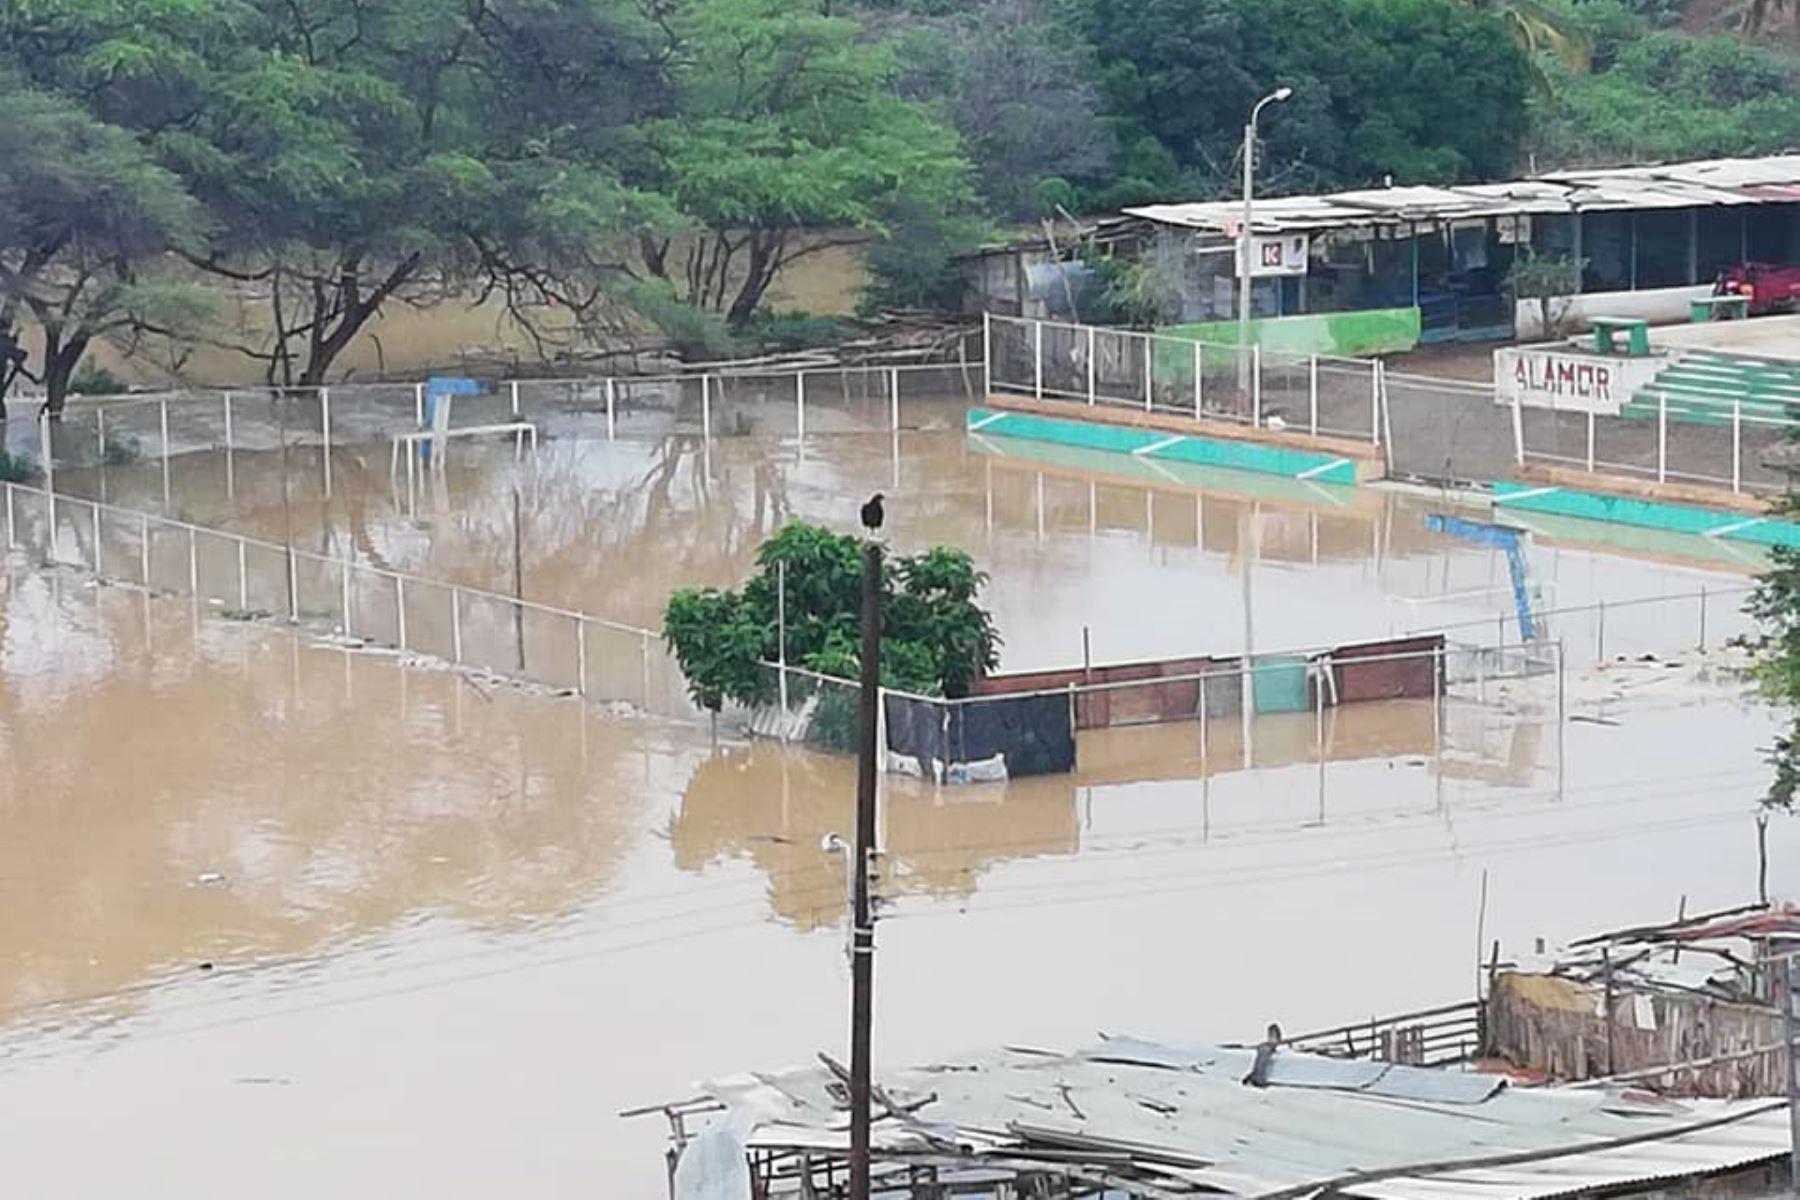 Desborde de río El Alamor deja 30 familias damnificadas en Sullana, Piura, ANDINA